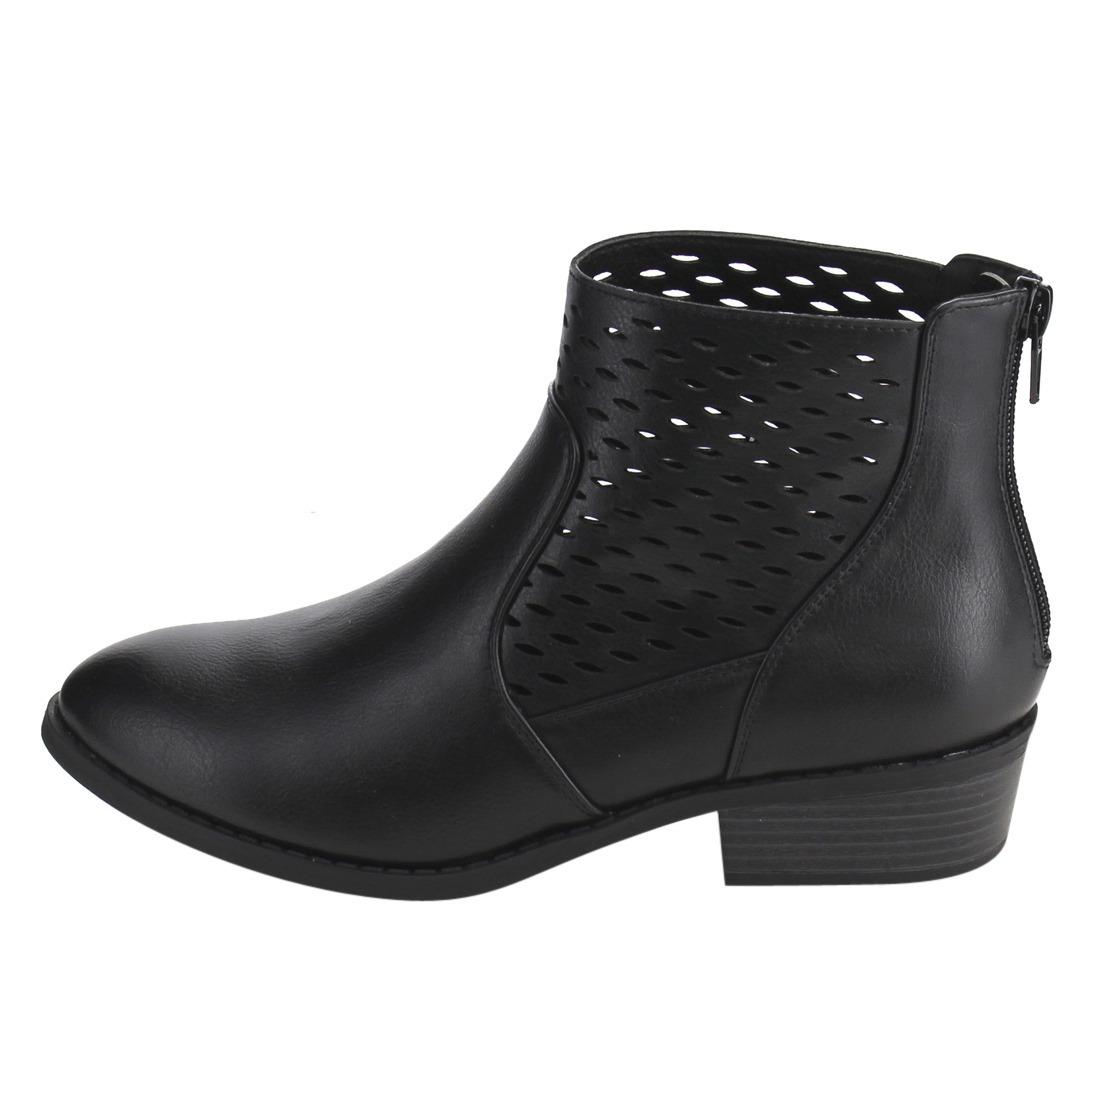 87f36d920d730 botin botas bajitas importadas para damas. Cargando zoom.